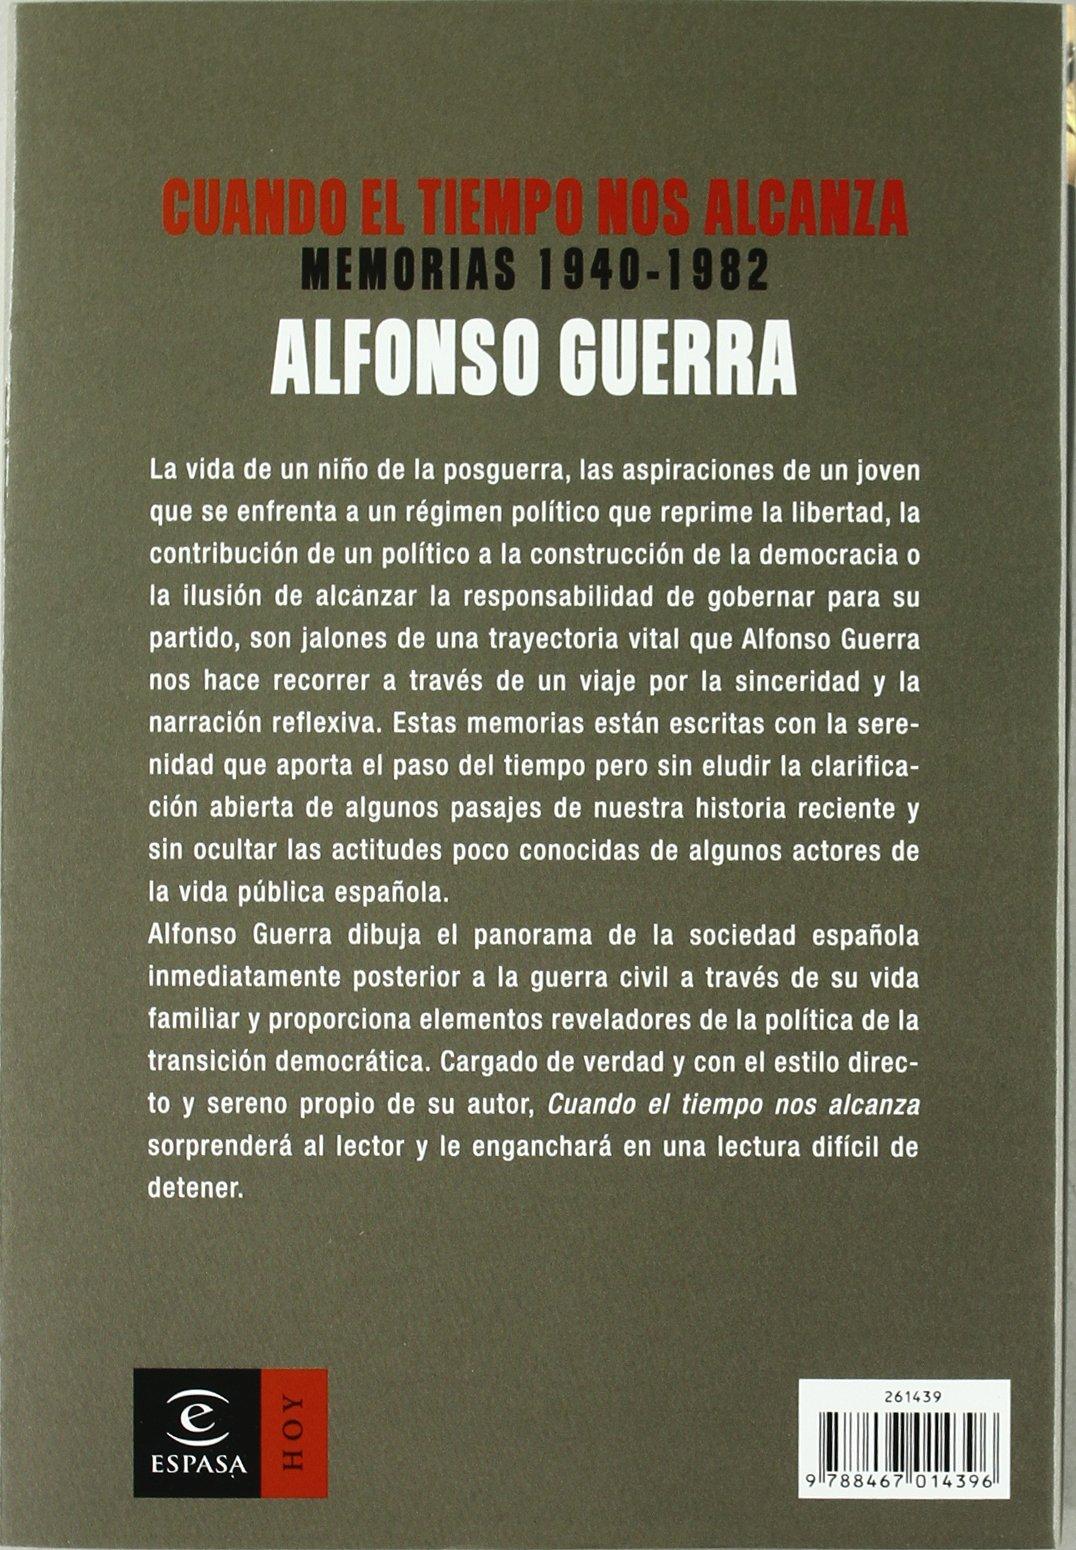 Cuando el tiempo nos alcanza (ESPASA HOY): Amazon.es: Alfonso Guerra: Libros